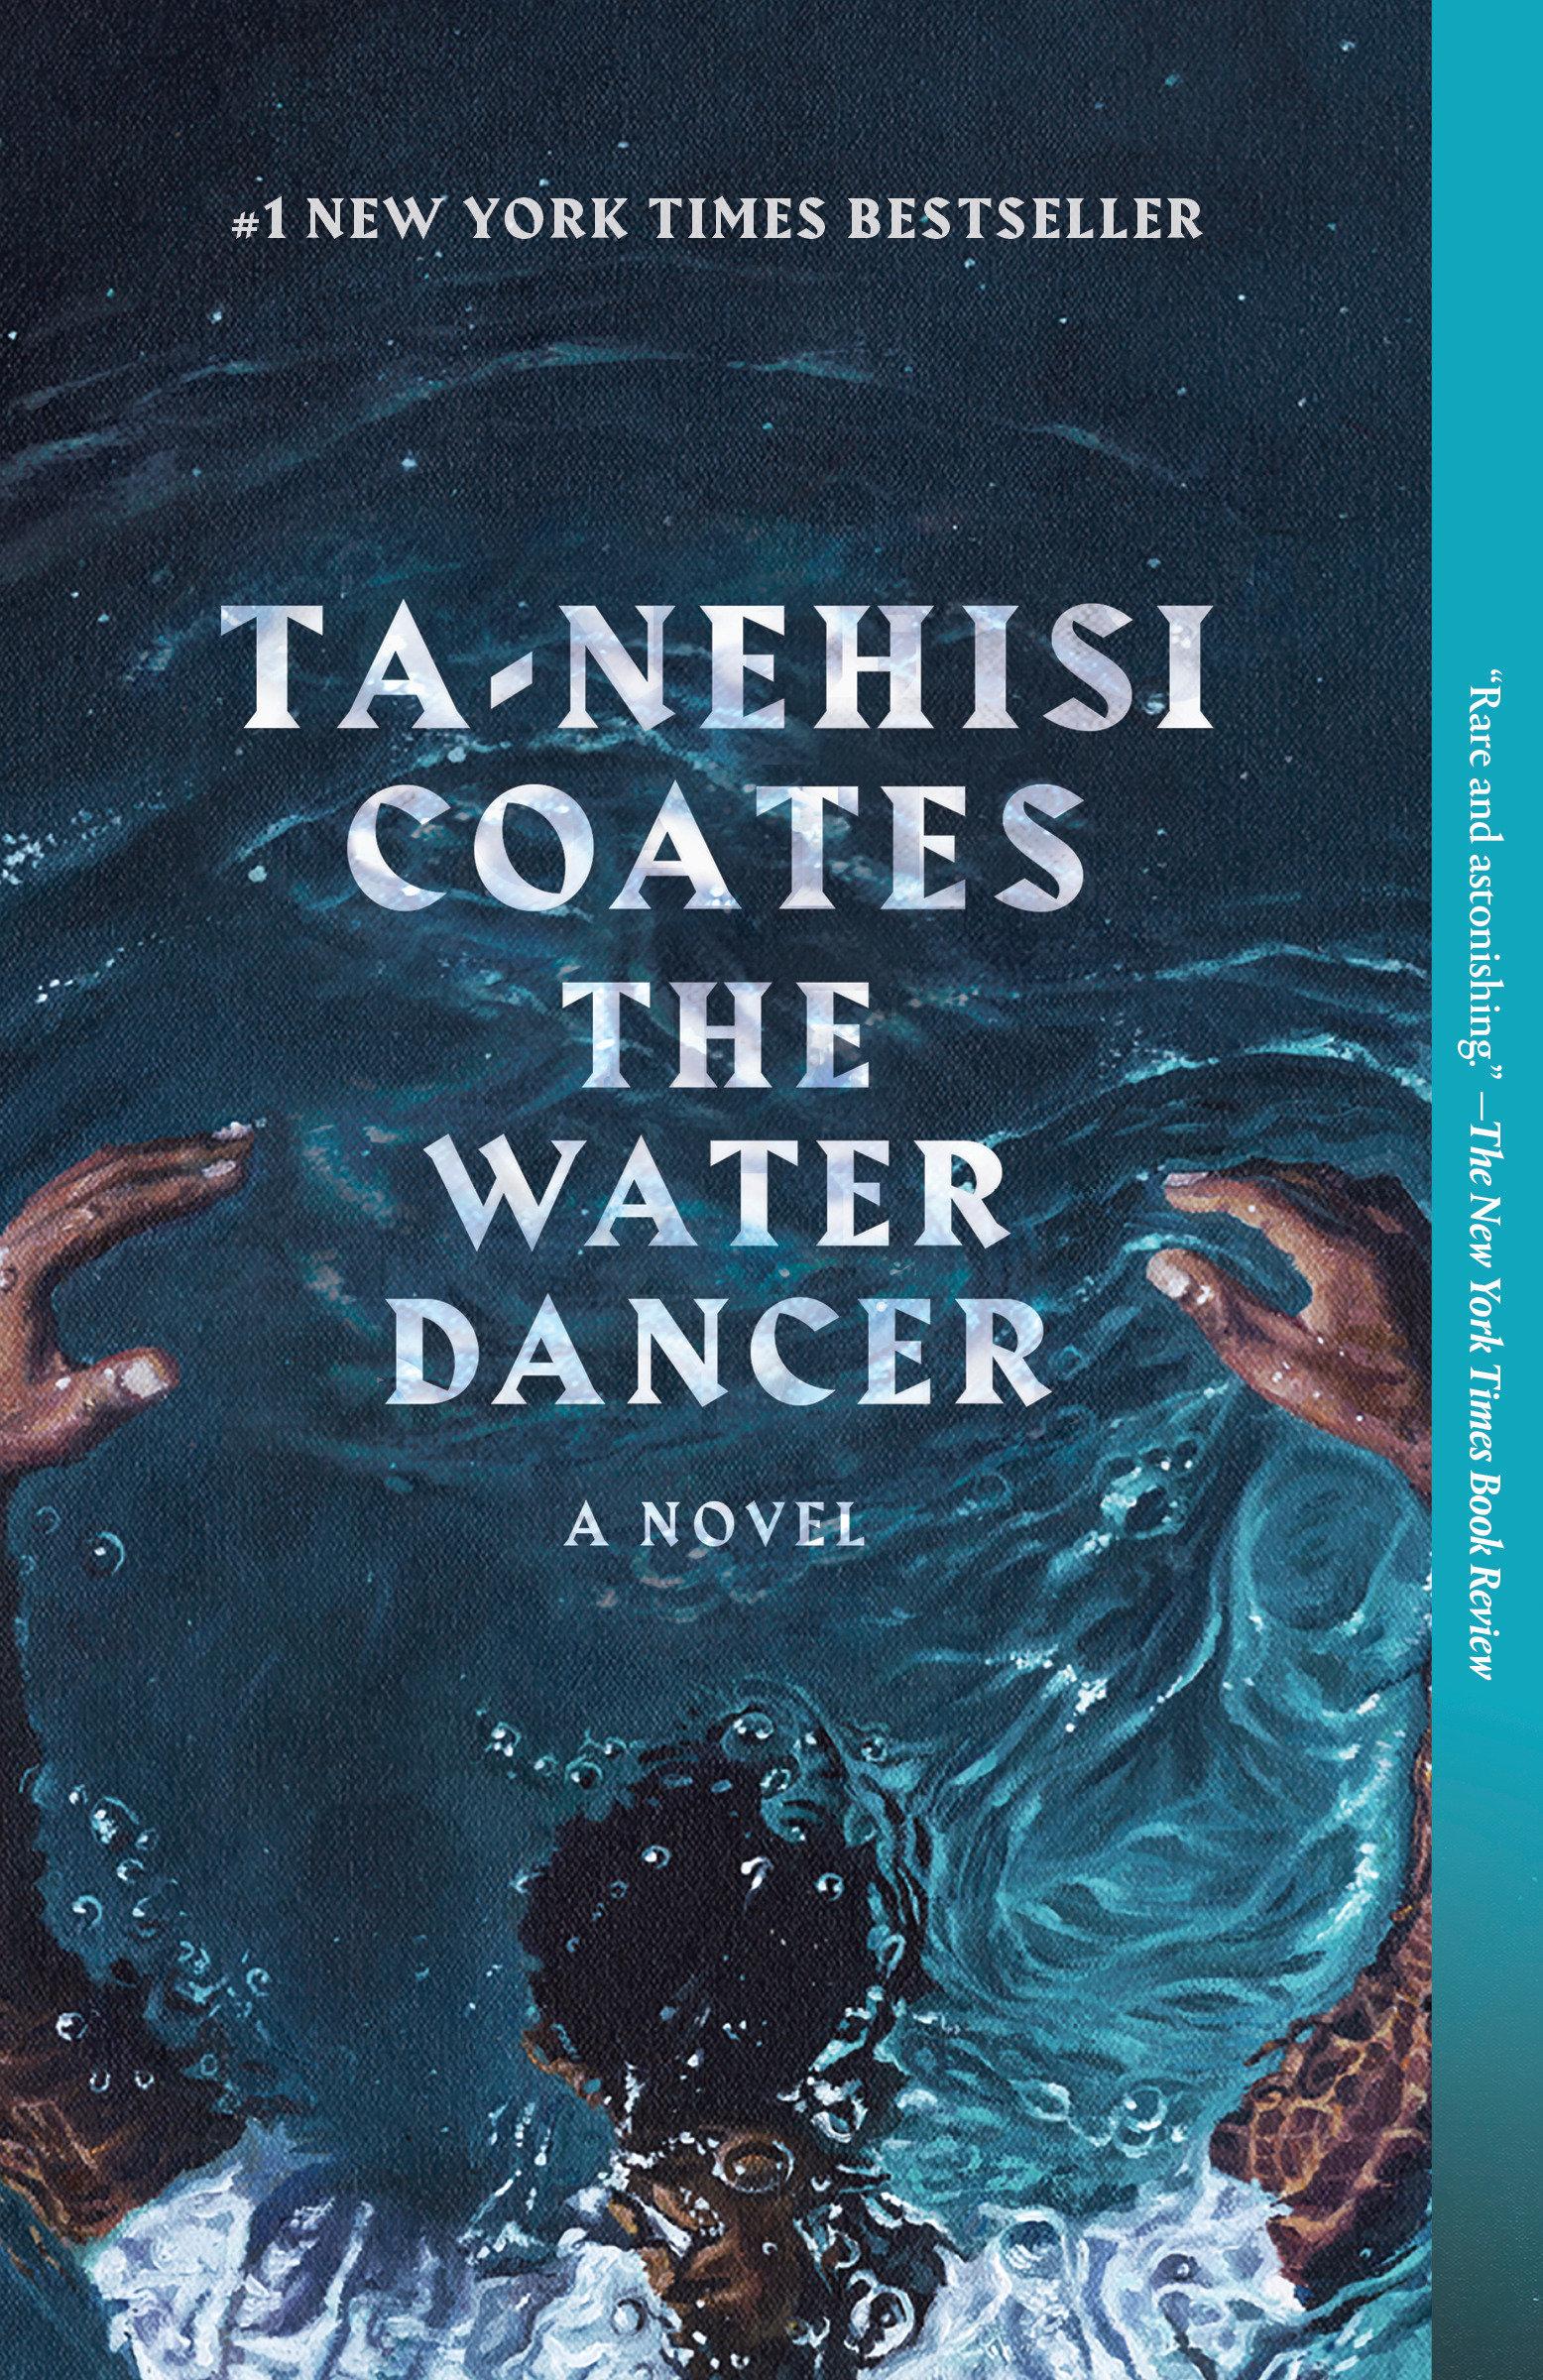 The Water Dancer A Novel